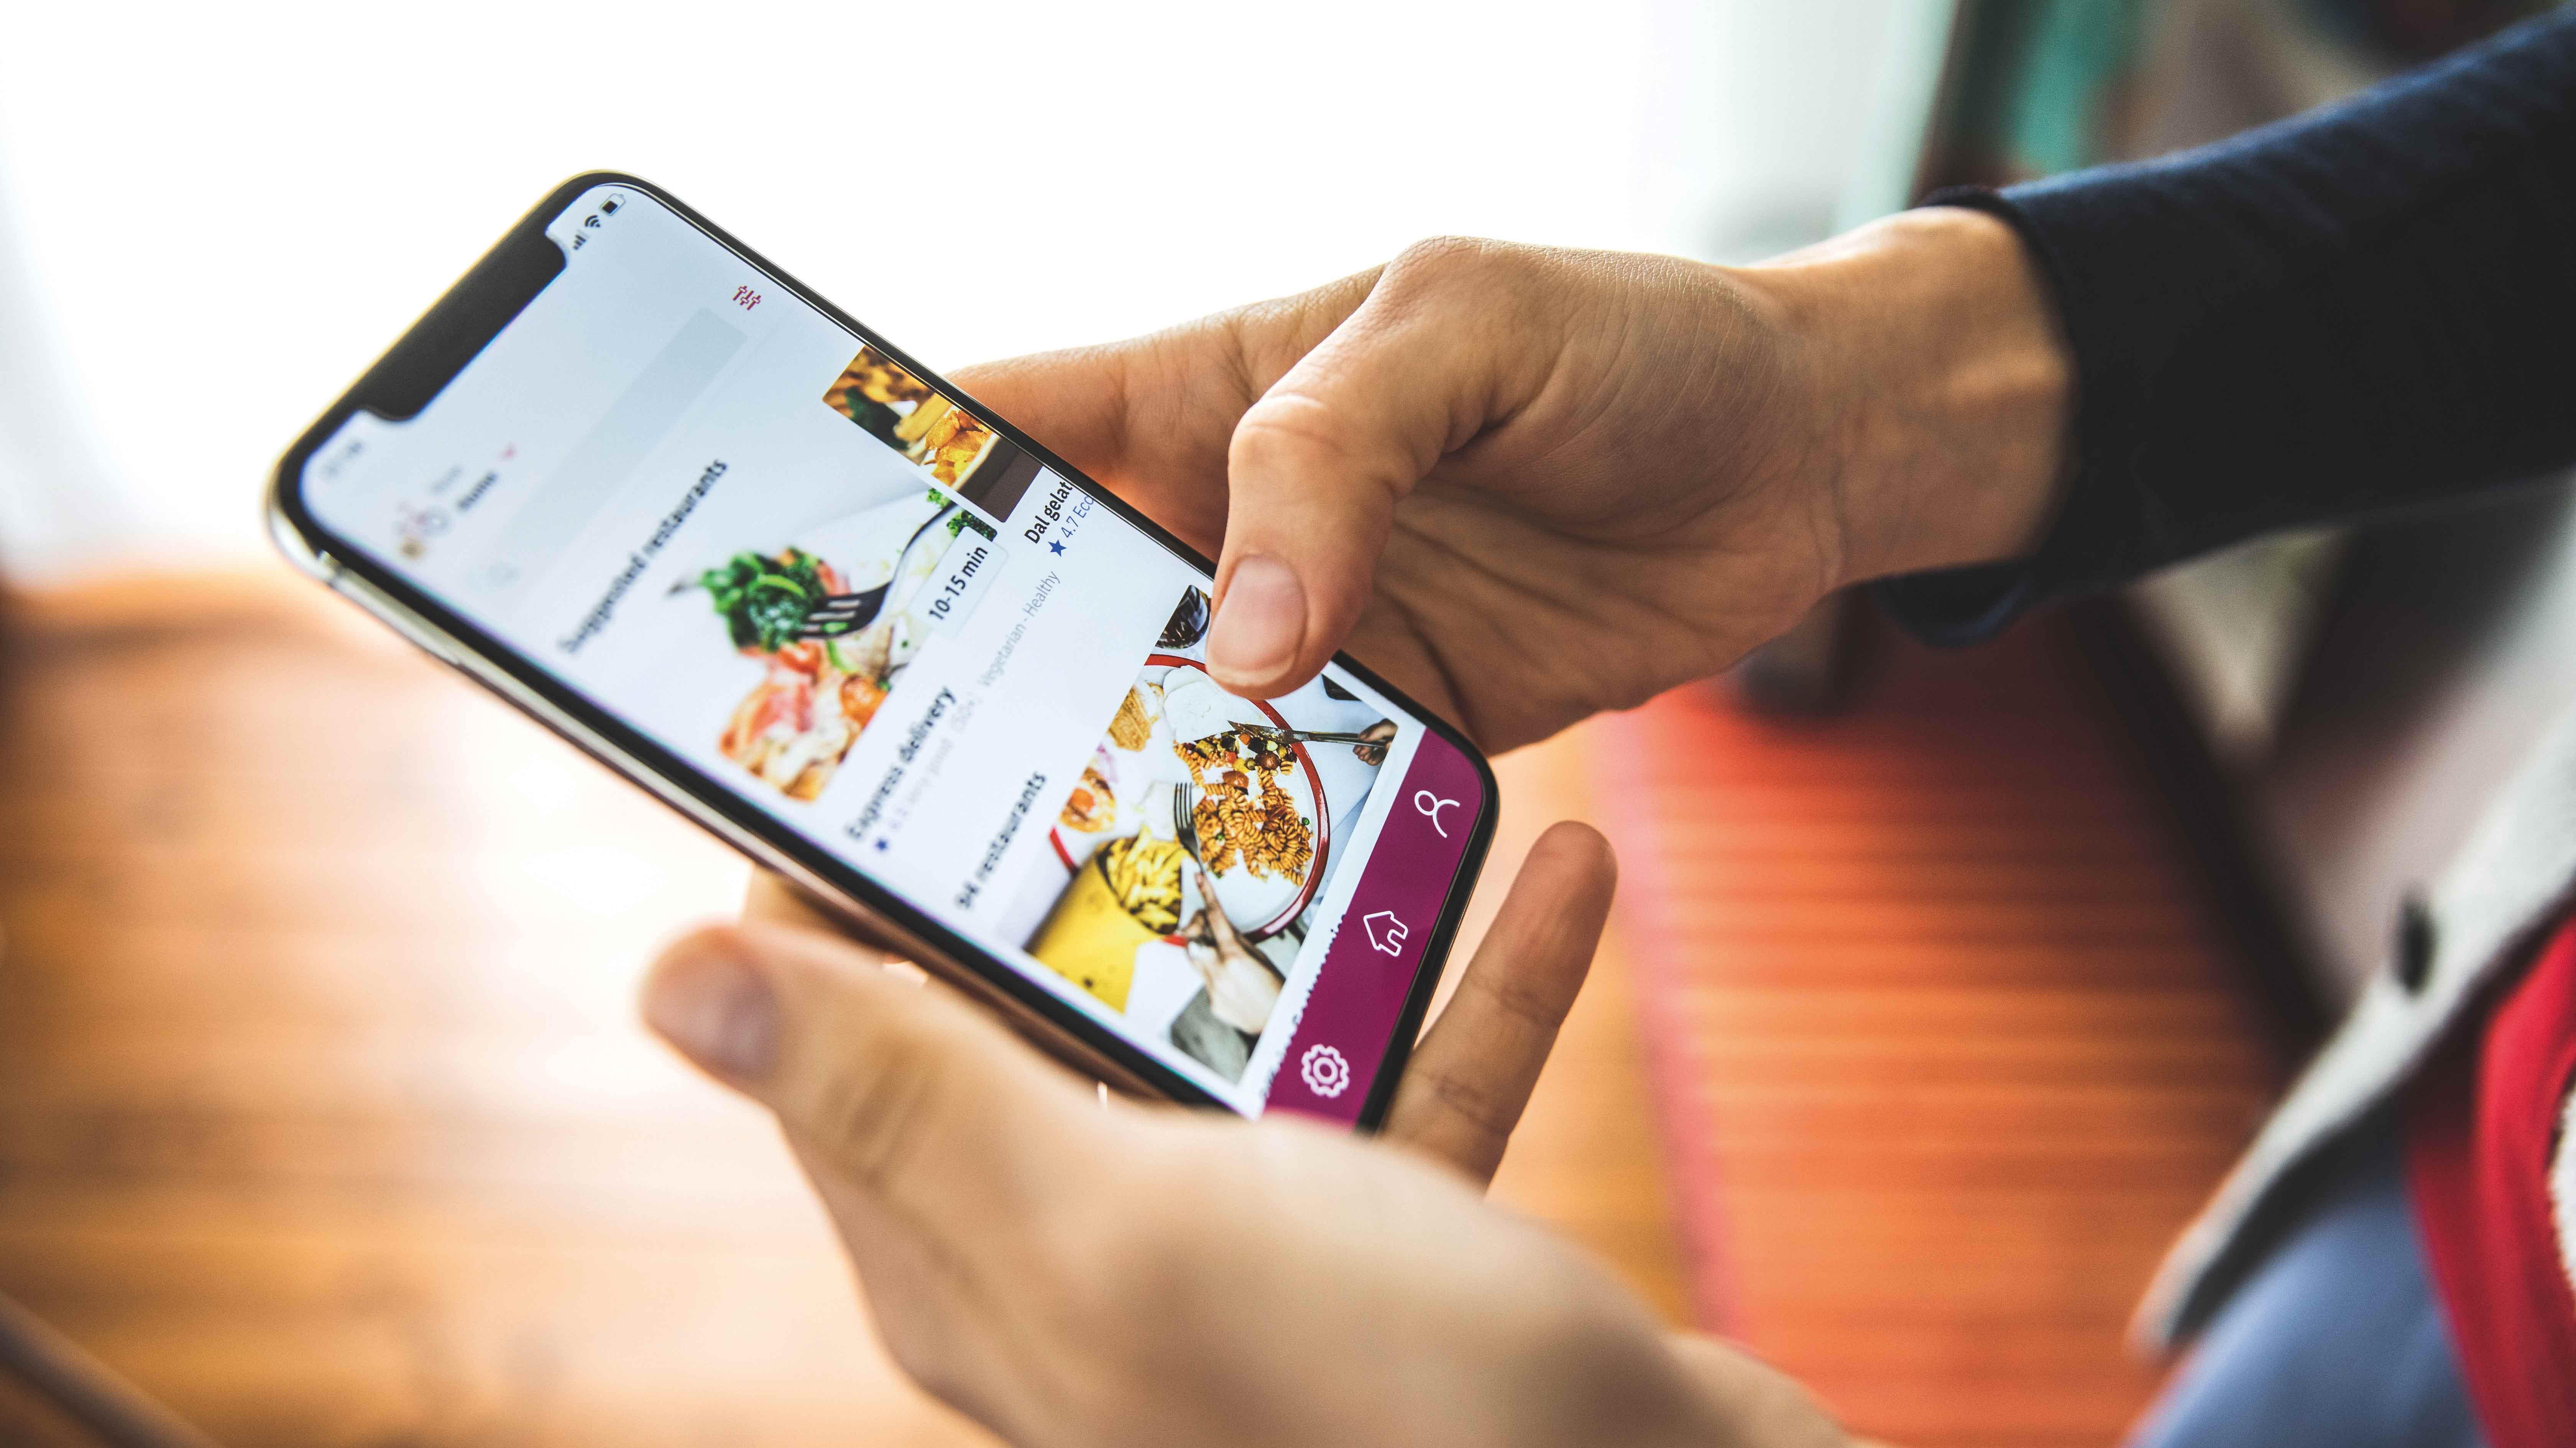 Restaurantes elevan su apuesta por canales propios de delivery